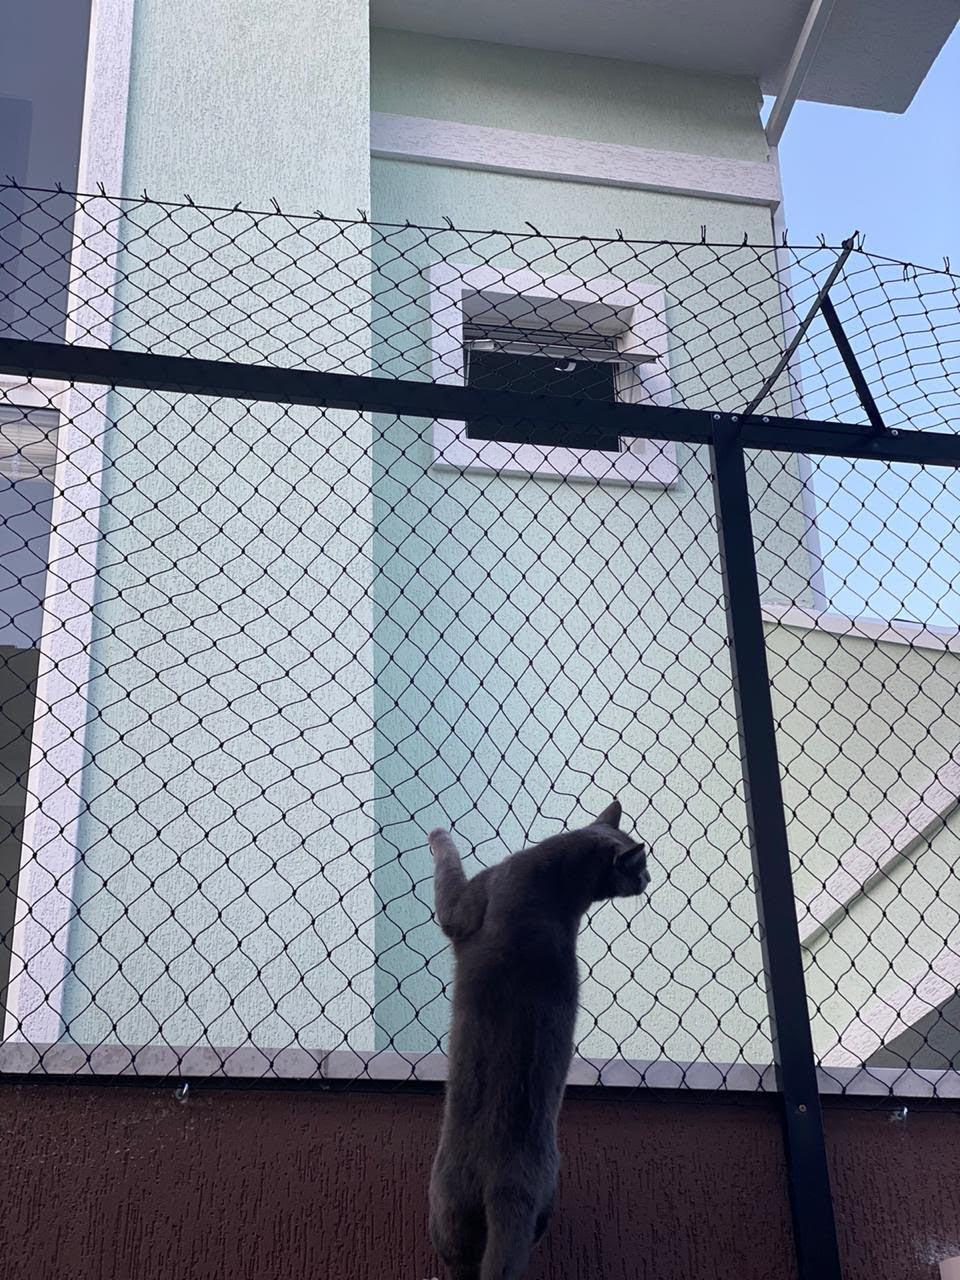 Tela de proteção para Gatos em Capão Raso